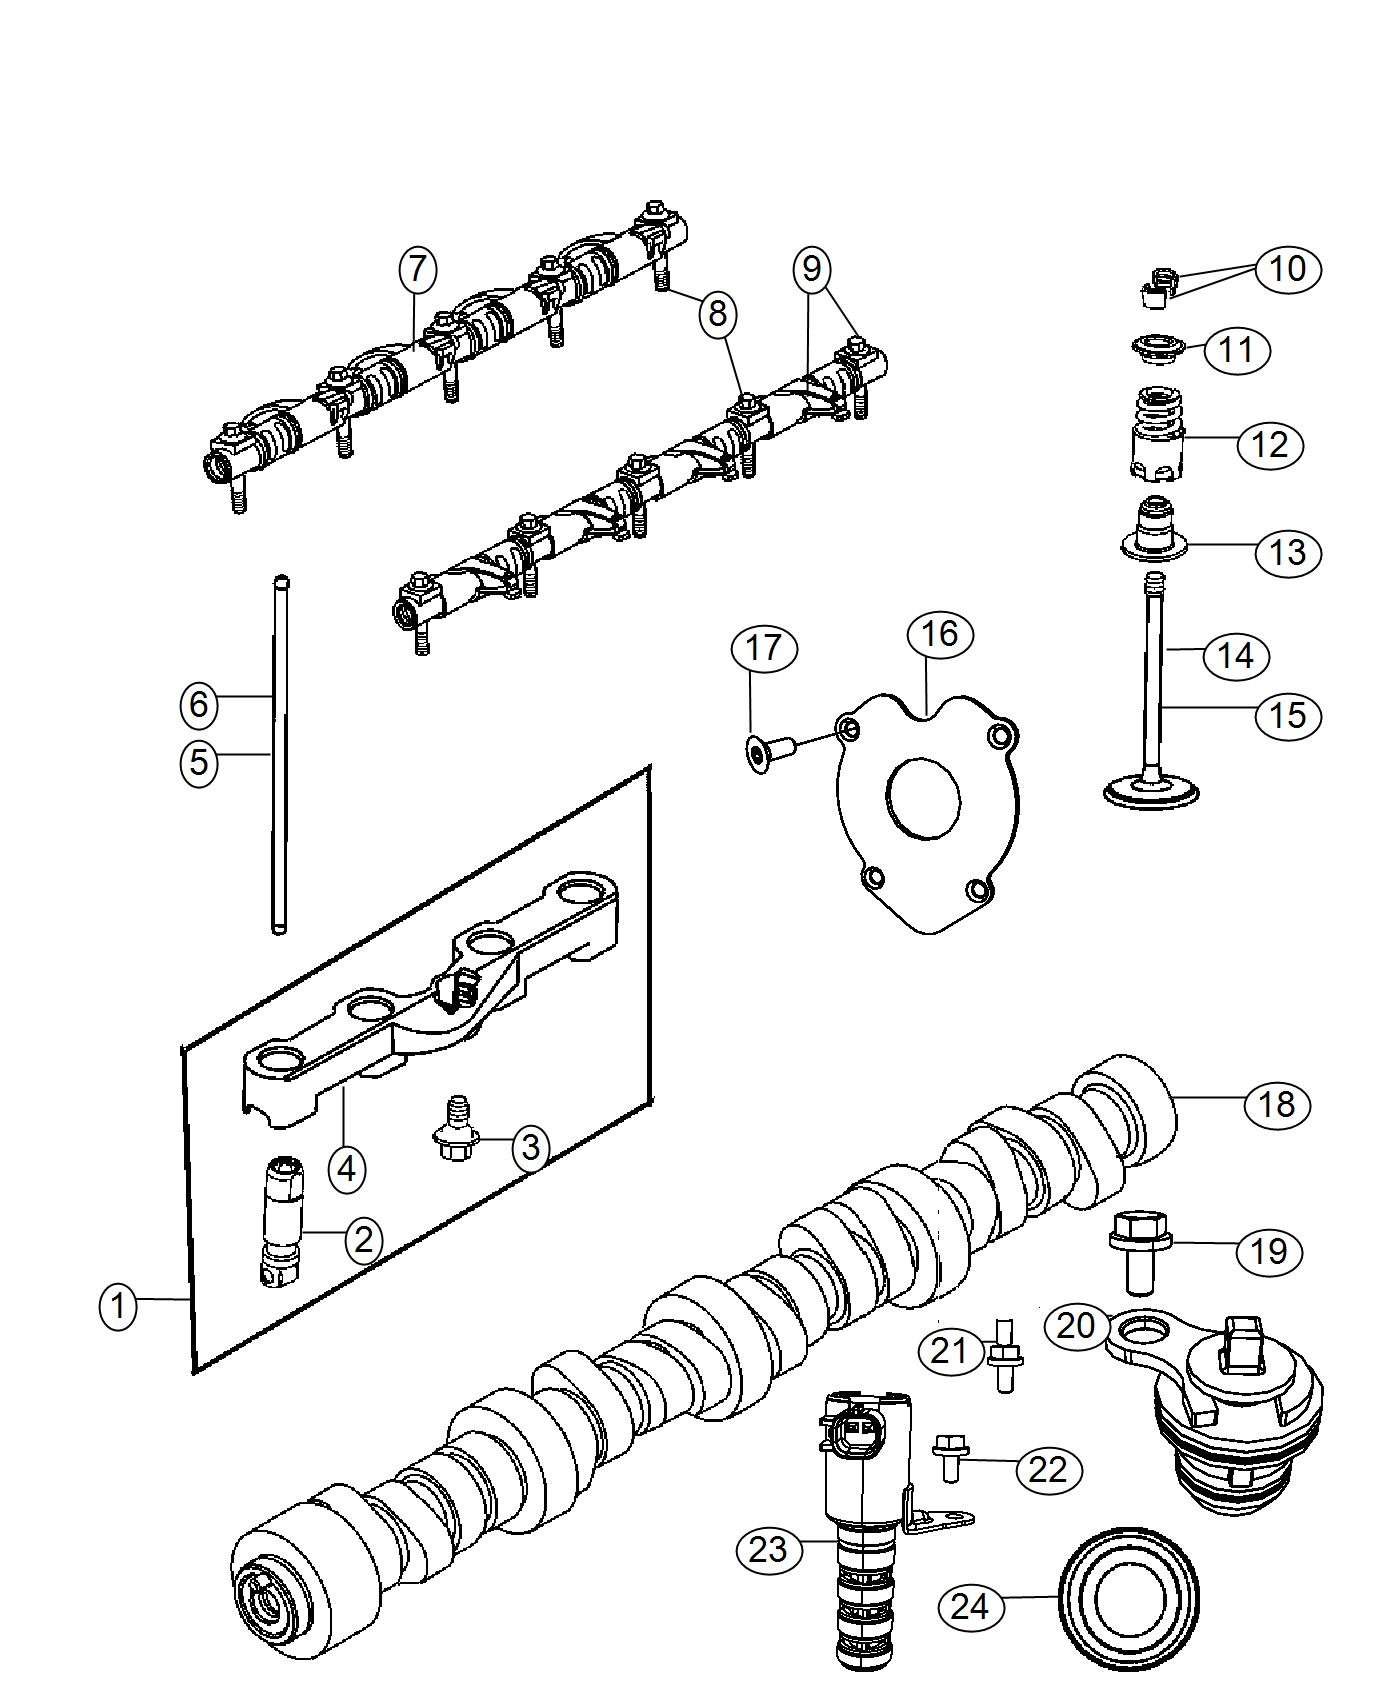 Dodge Charger Plug Cylinder Block Mds Solenoid